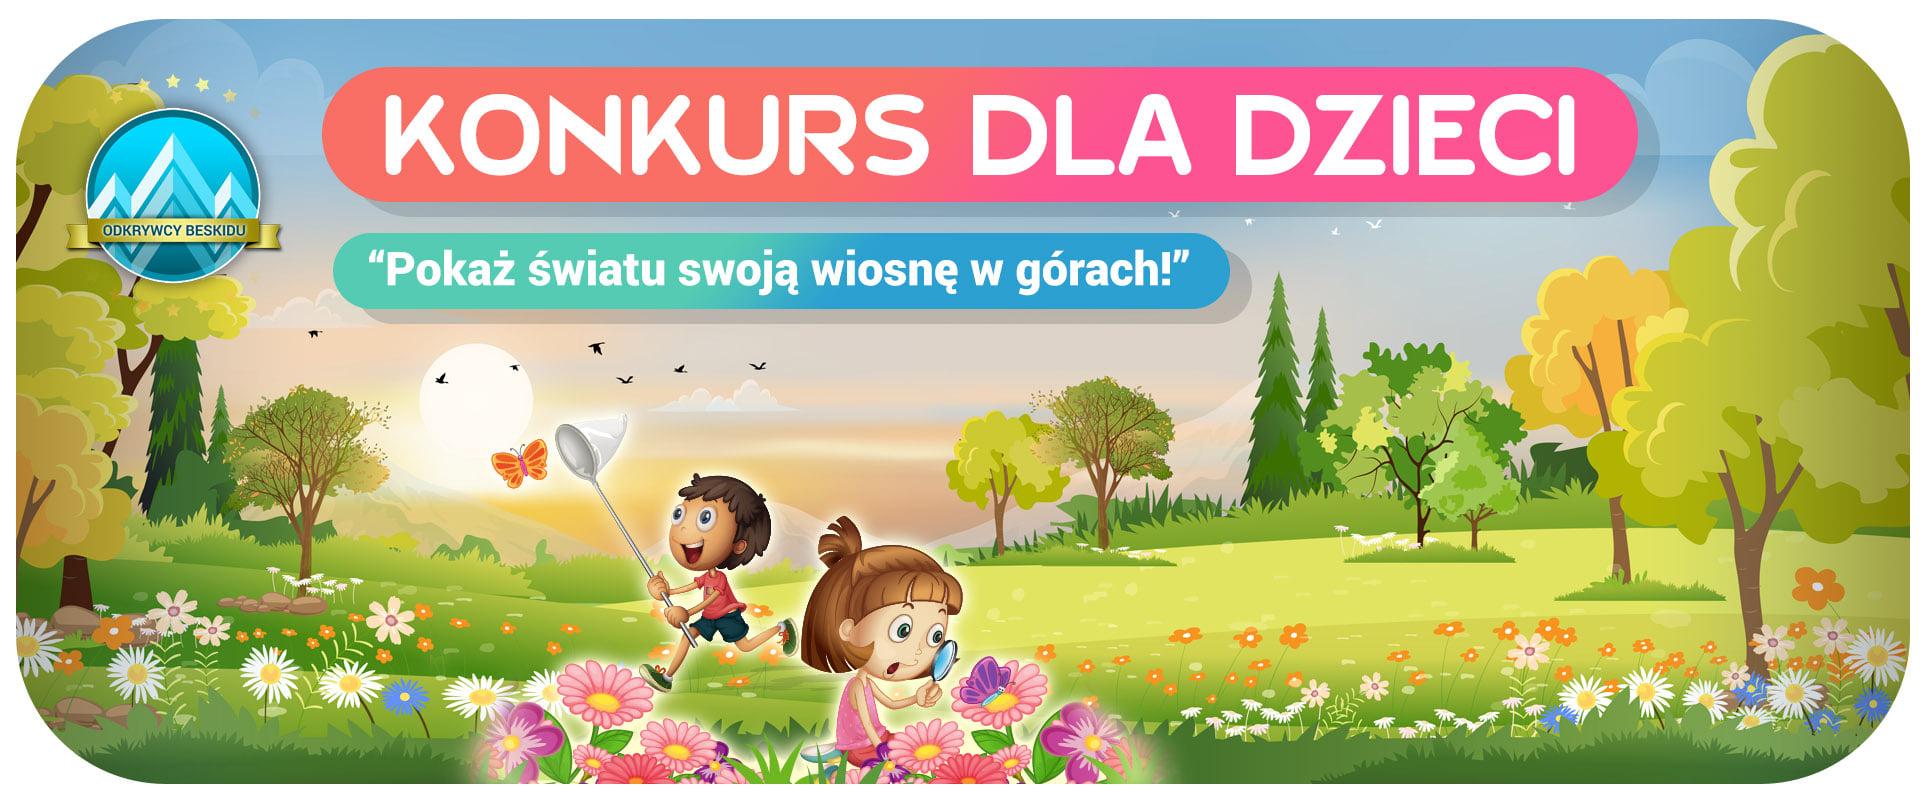 Pokaż światu swoją wiosnę w górach - konkurs plastyczny dla dzieci